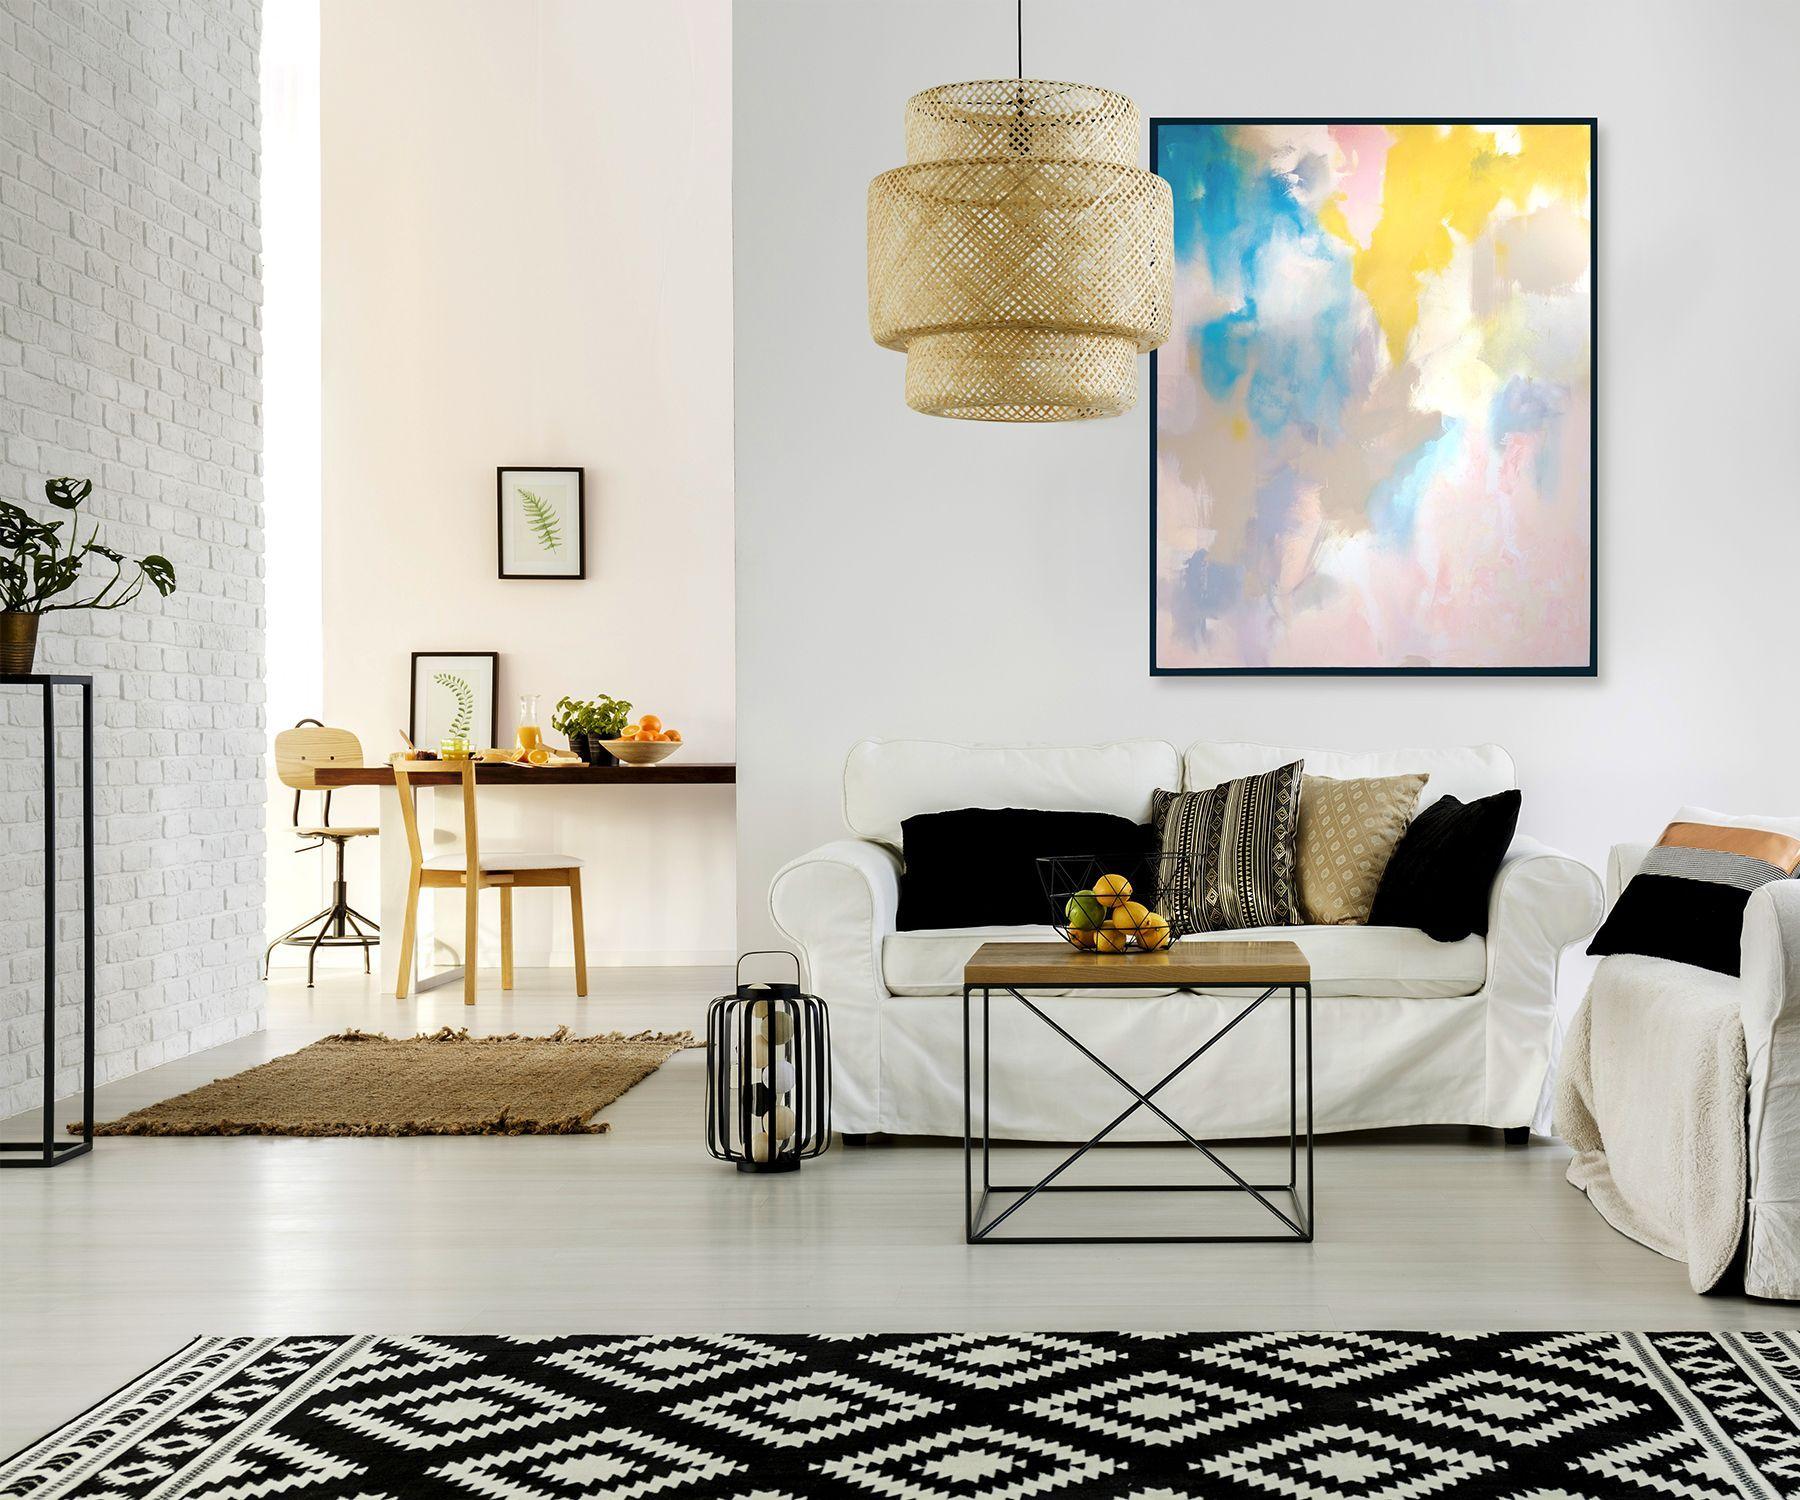 10 Exhilarating Kids Bedroom Paintings Ideas Living Room Paint Interior Interior Paint #sea #salt #paint #living #room